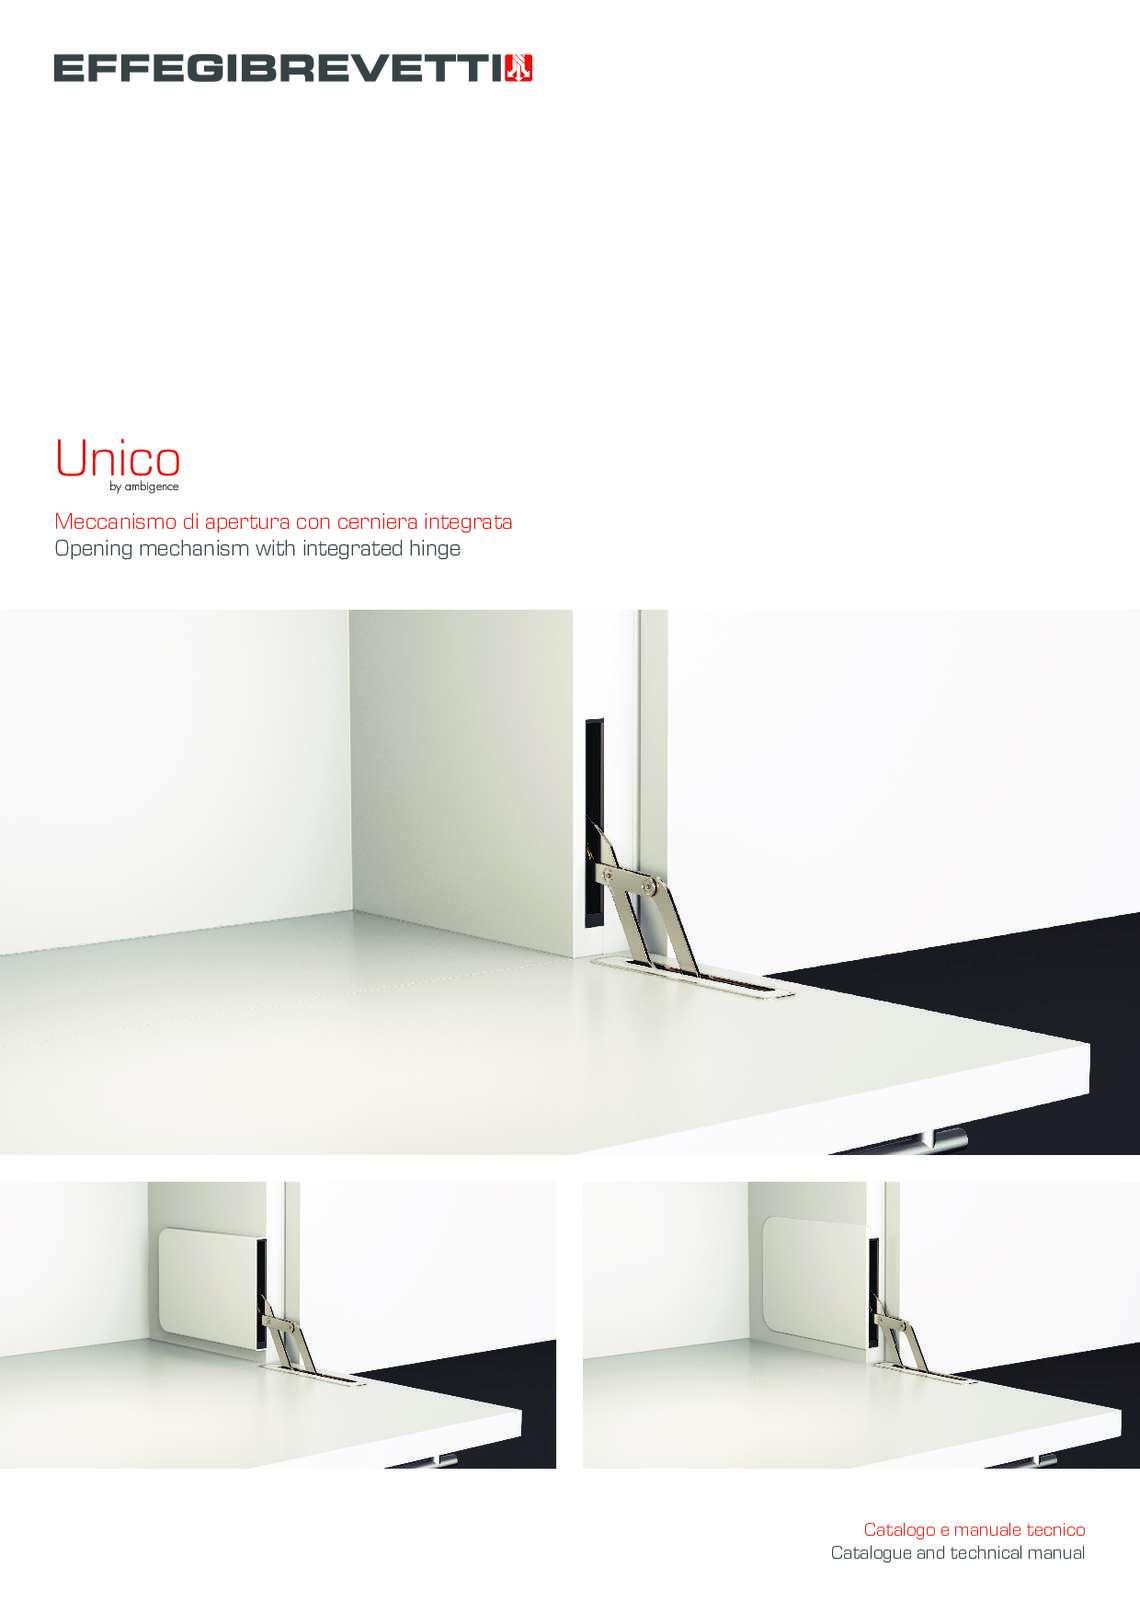 Unico - Meccanismo di apertura con cerniera integrata